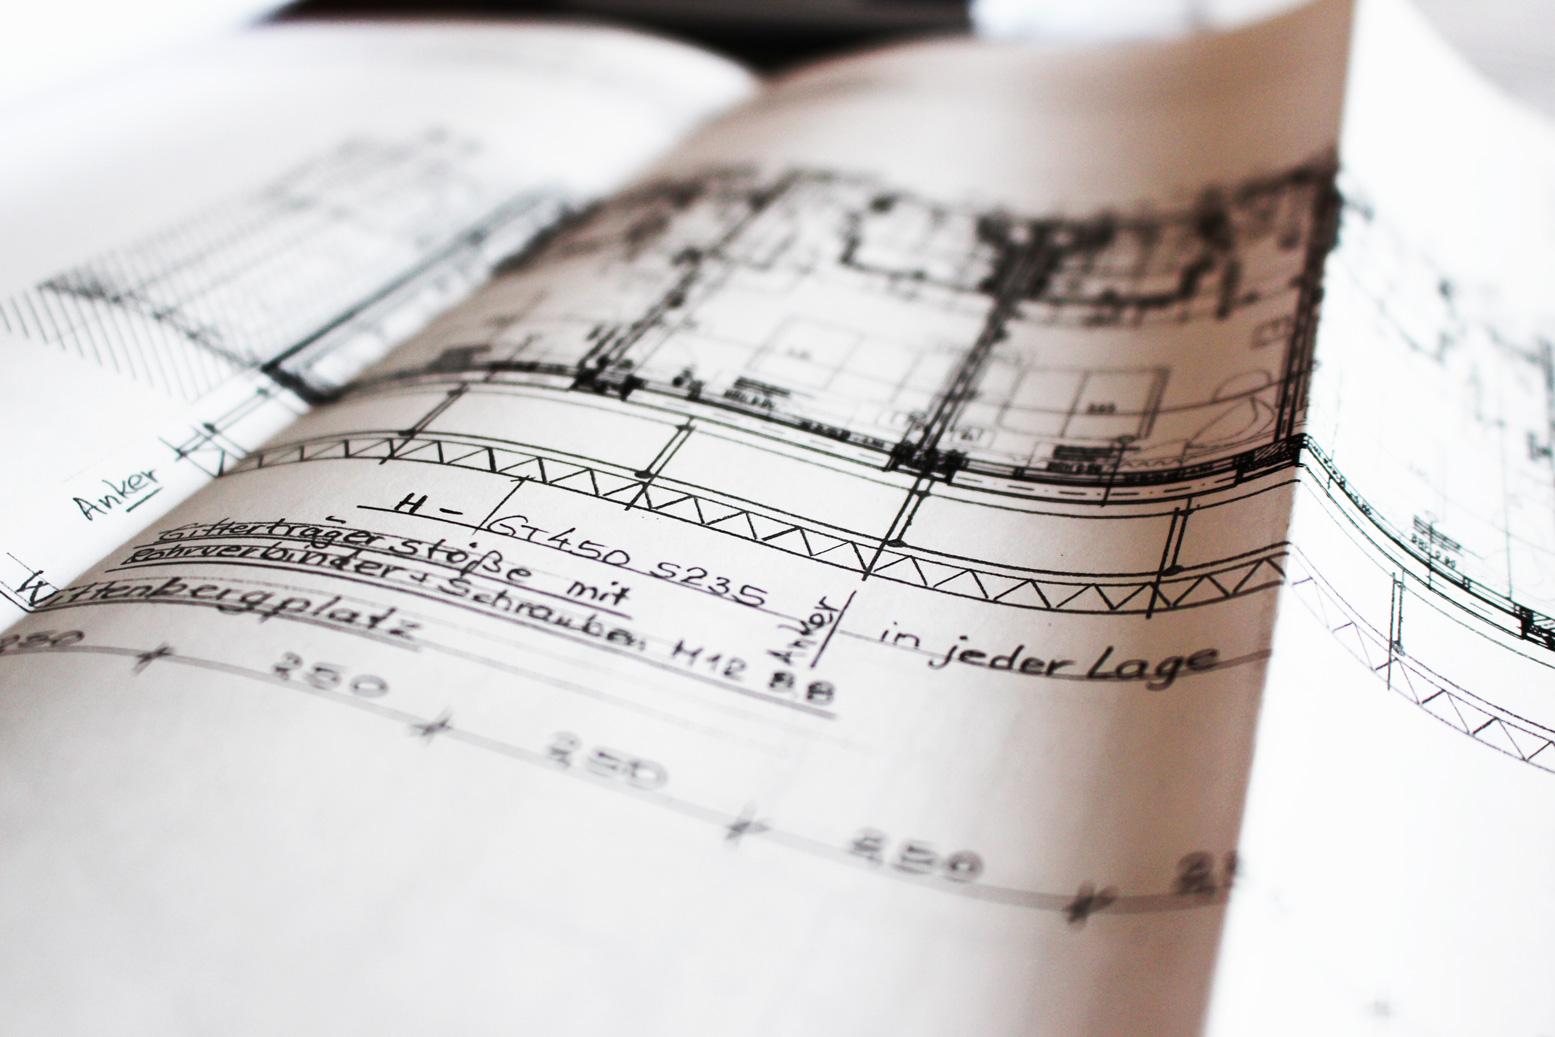 Gerüstbaumeister - Bauleitung